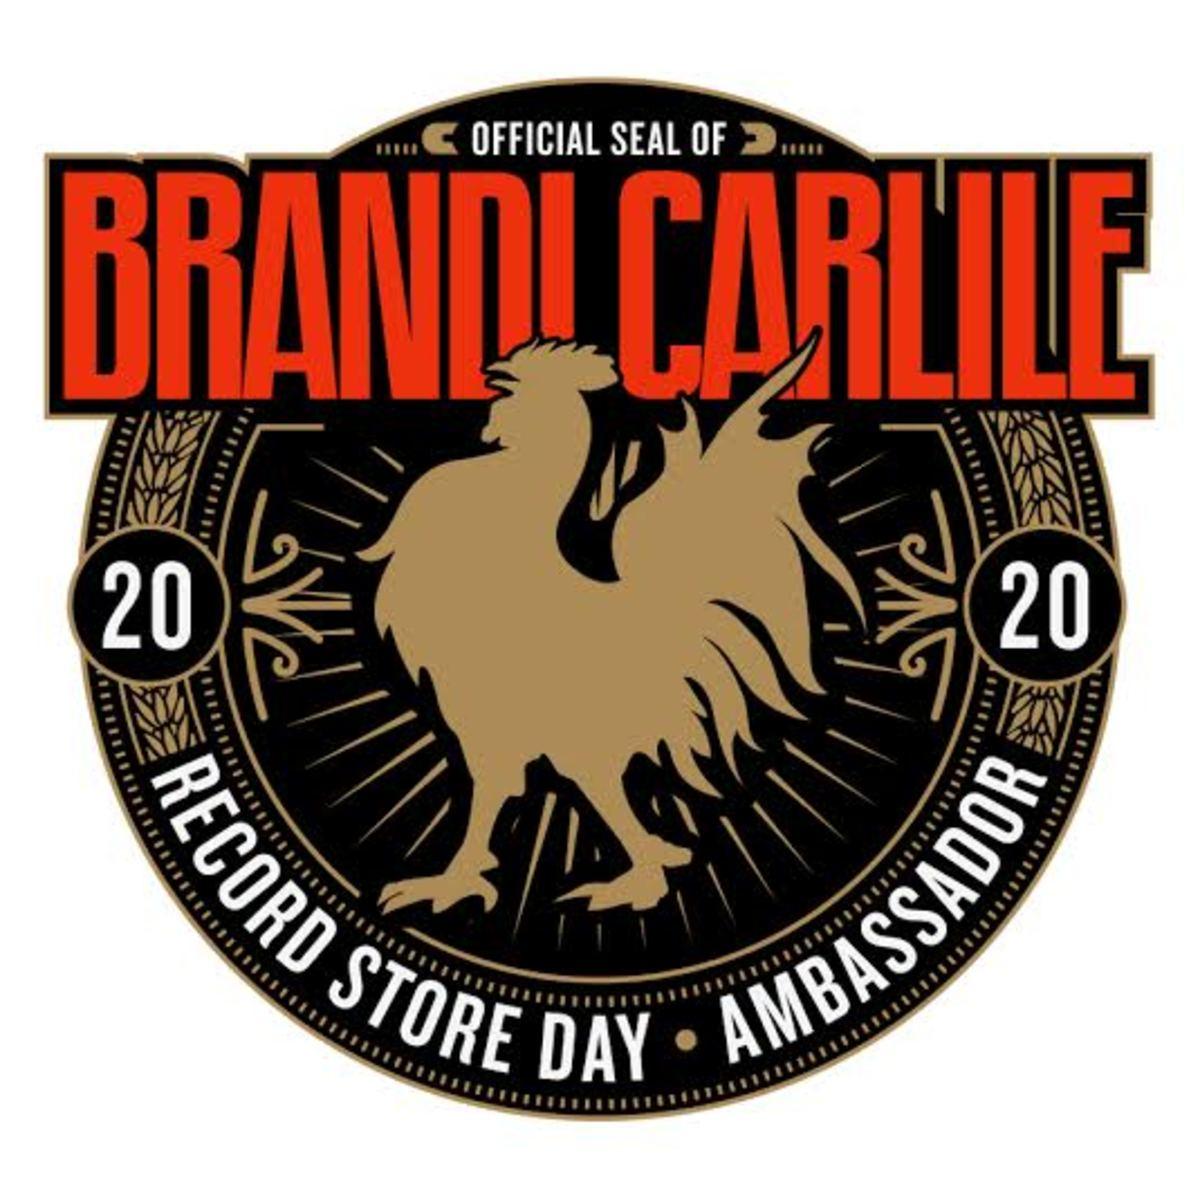 BRANDI CARLILE-rsd